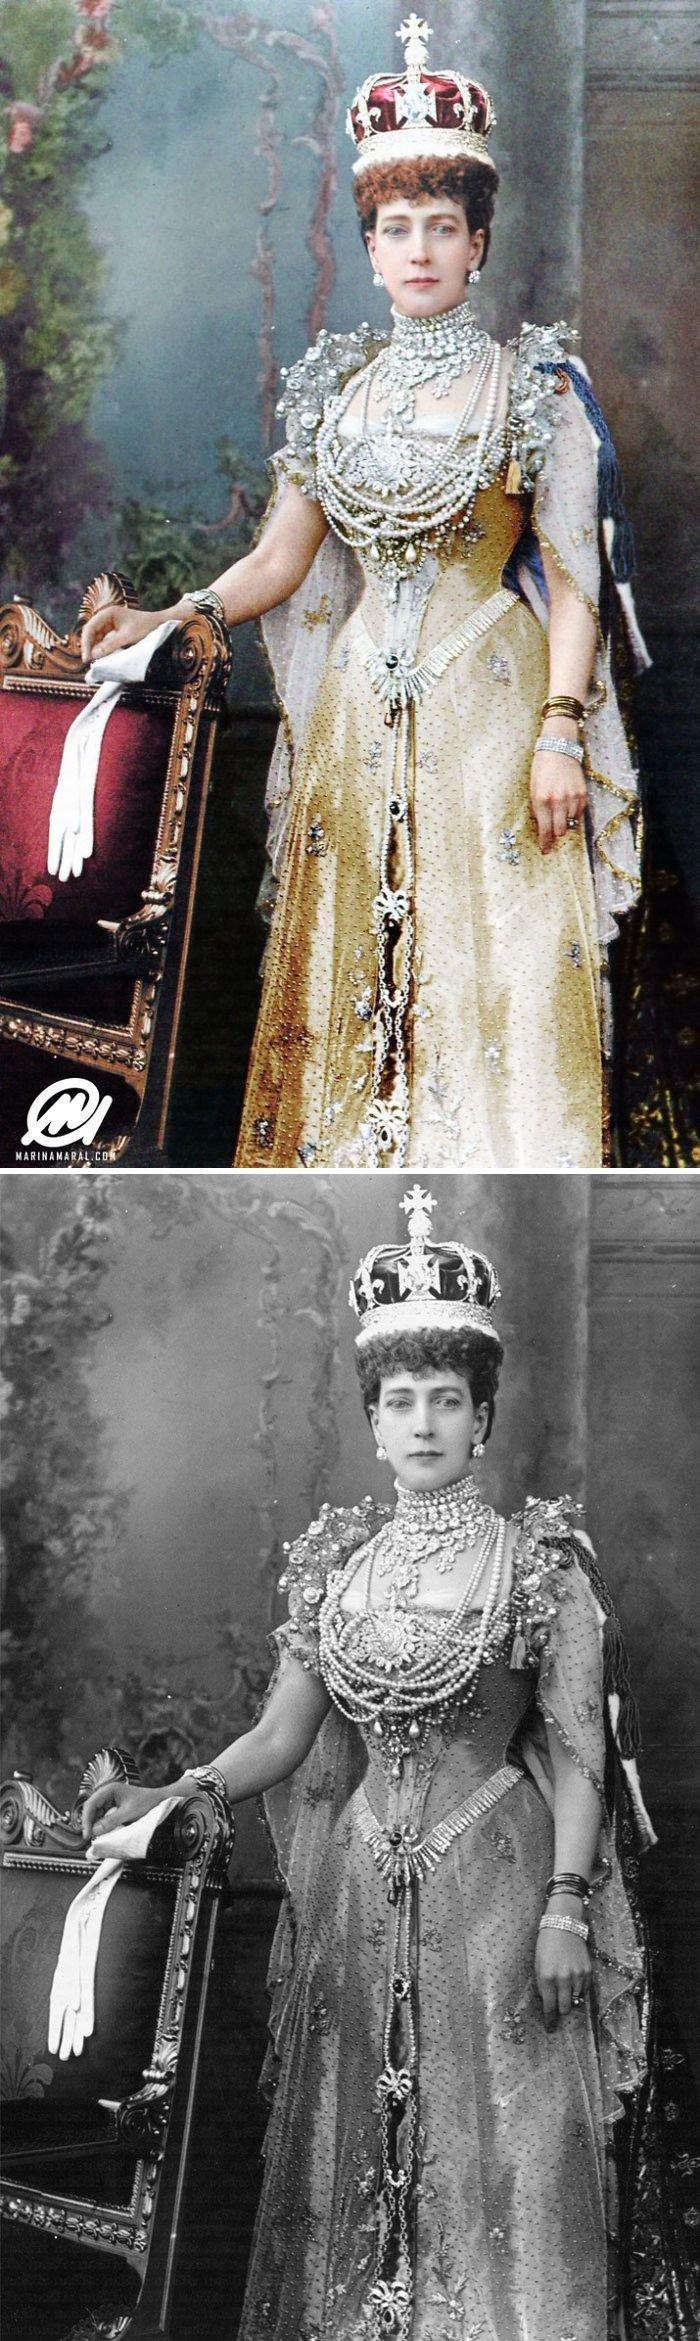 Королева Александра история, портрет, прошлое, событие, фотография, фотомир, цвет